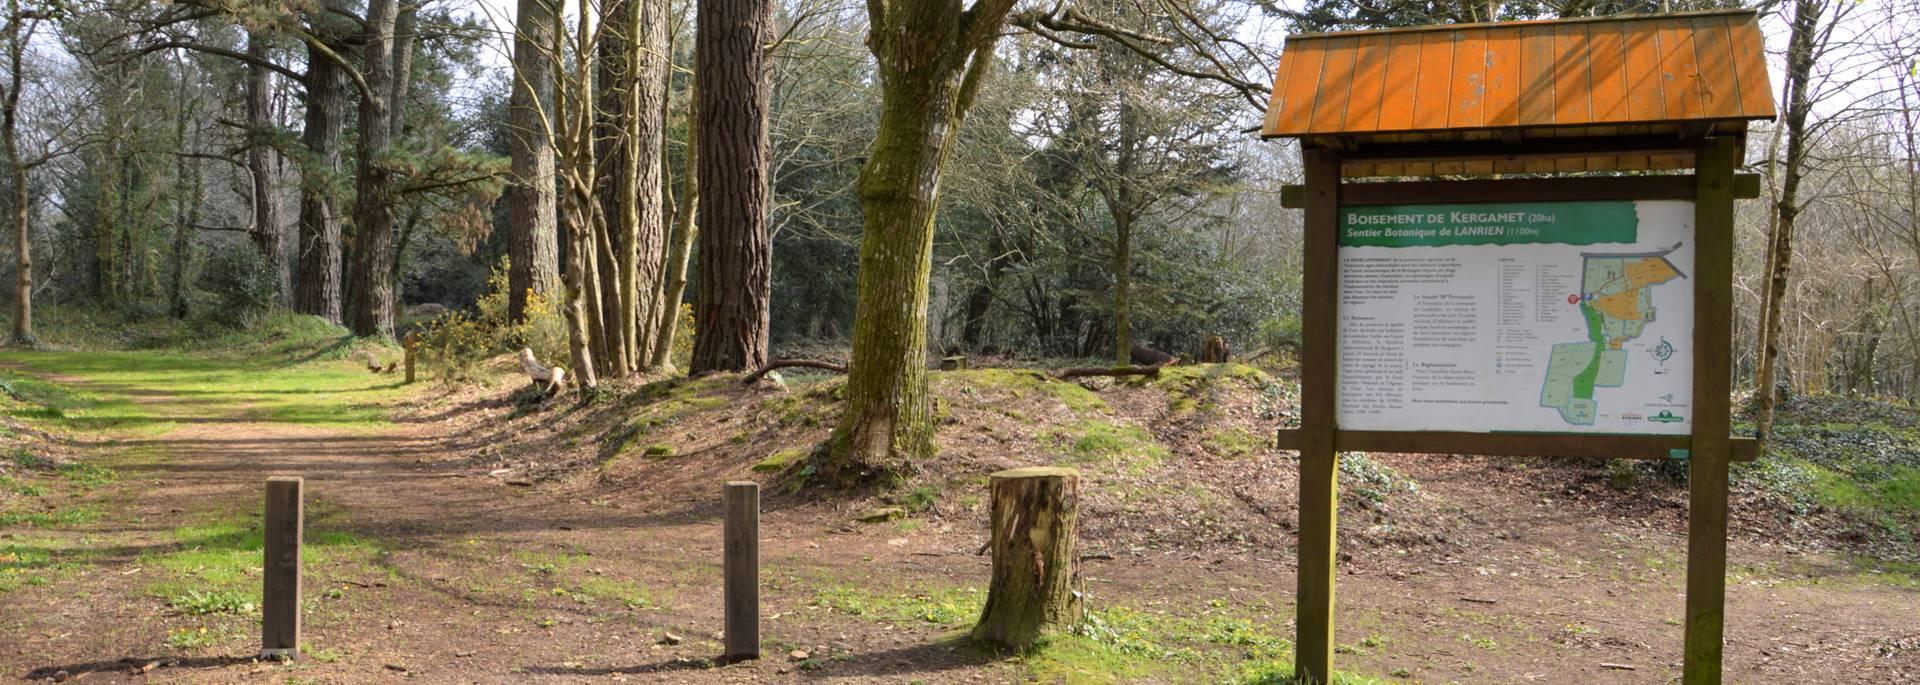 Sentier botanique à Landudec en Pays Bigouden © M Hamel